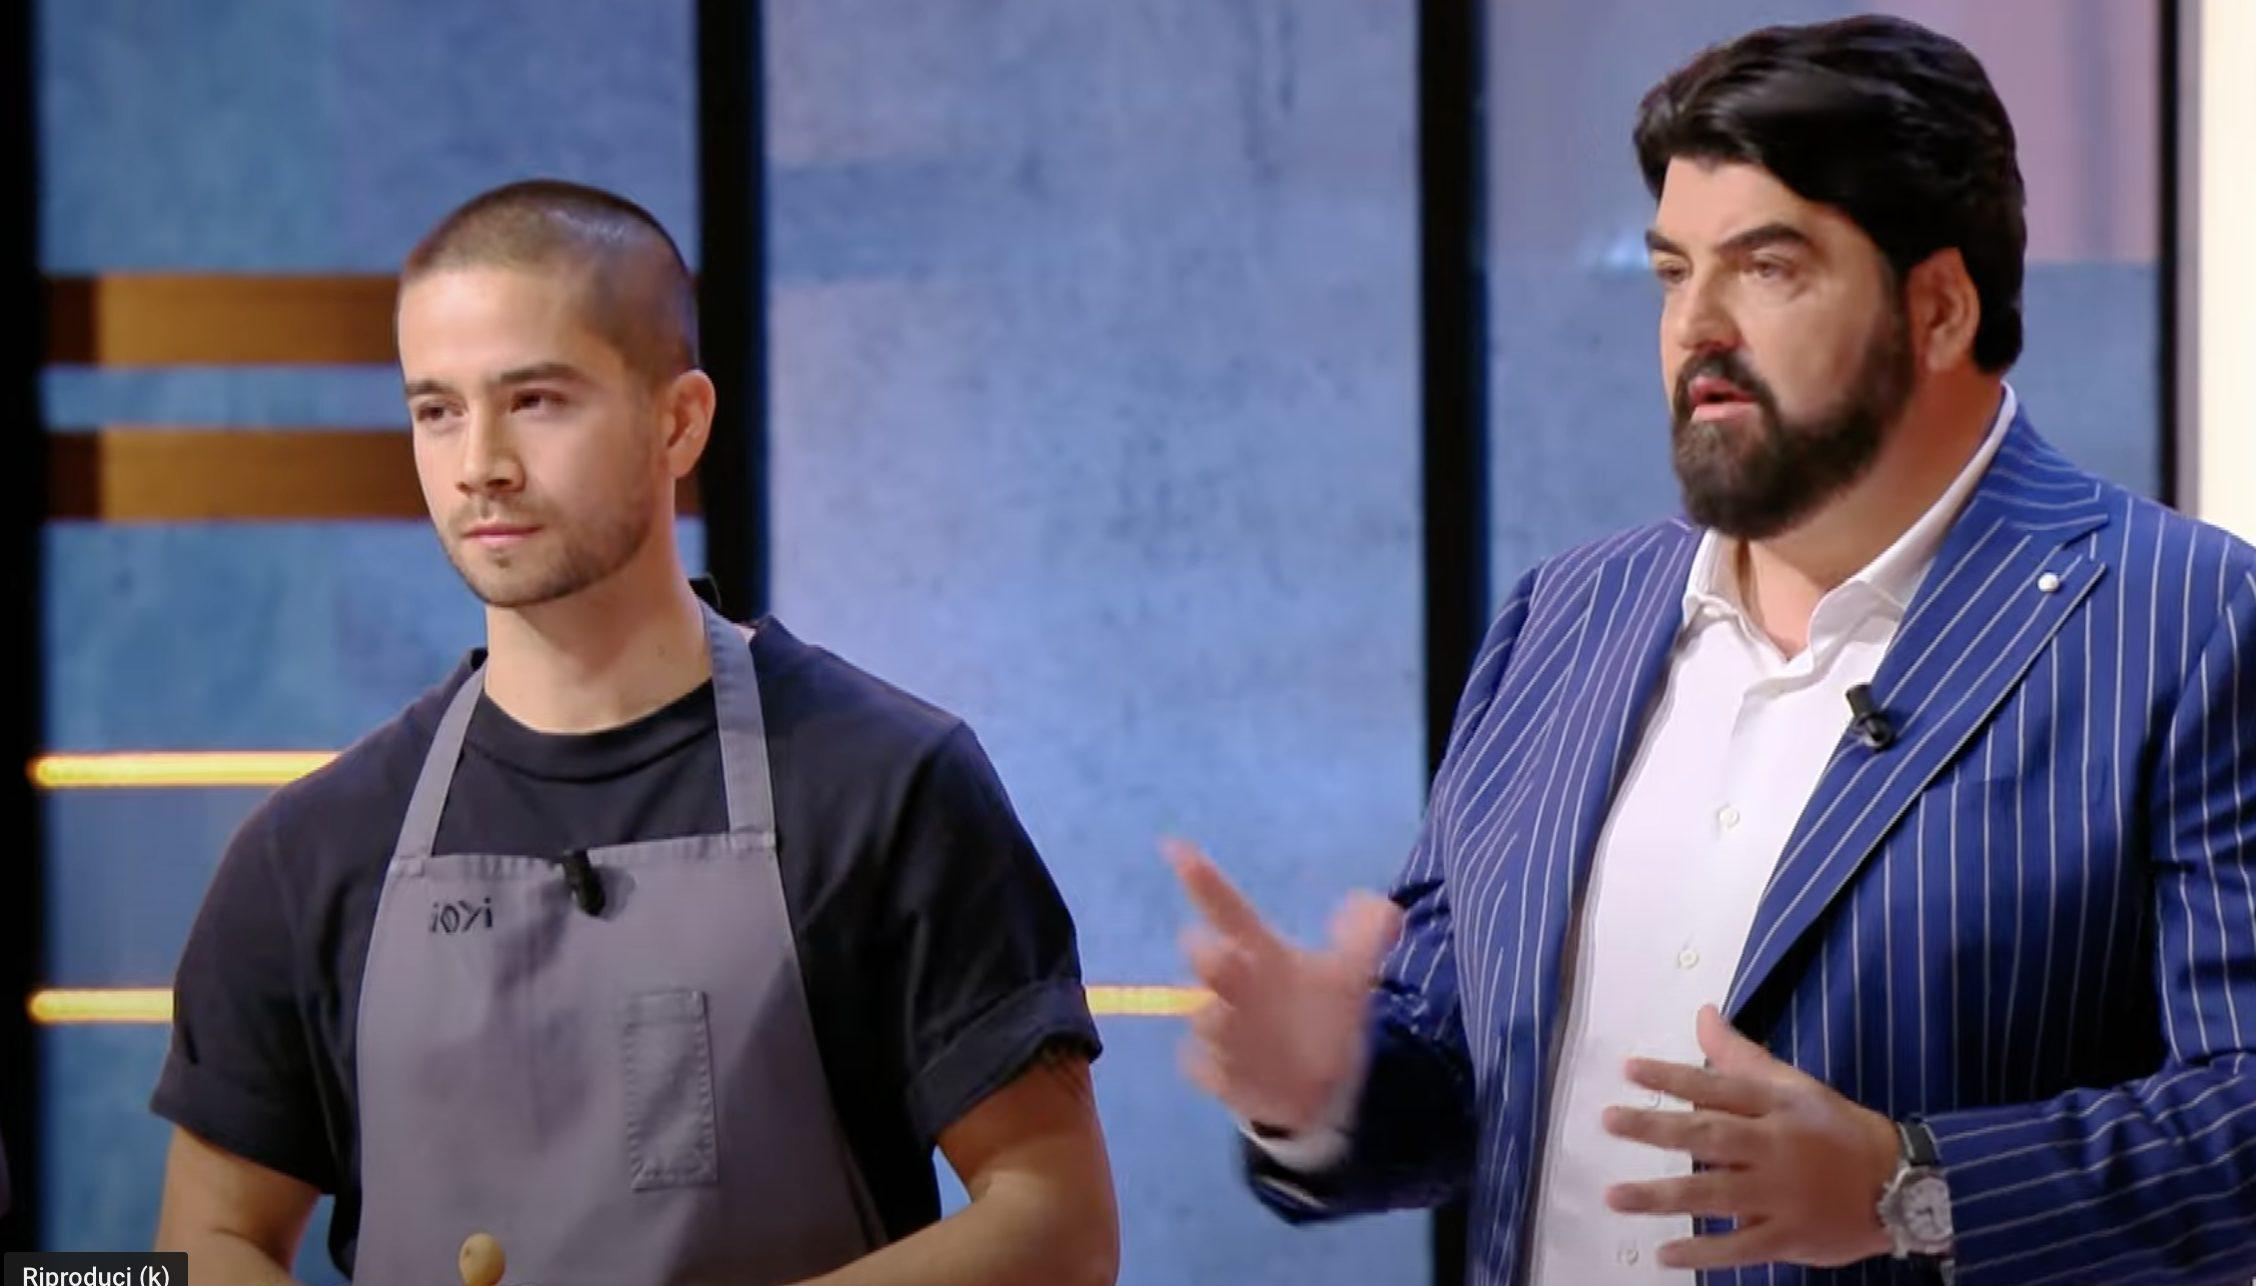 Masterchef Italia 10: il talento di Jeremy Chan, l'esterna con i critici, l'addio di Max